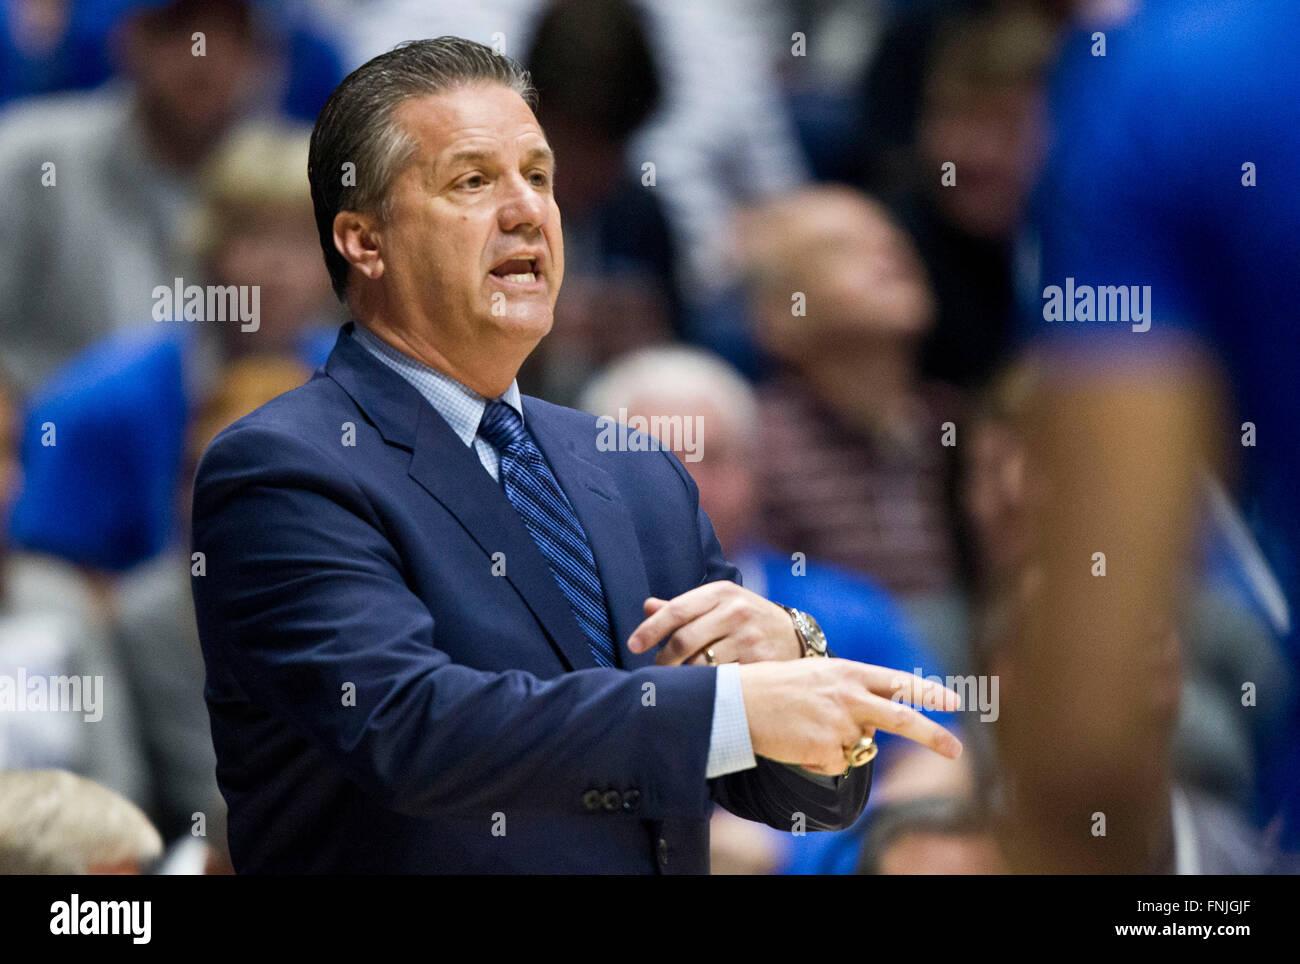 Kentucky Basketball Coach John Calipari Previews 2016 17: Überstunden. 13. März 2016. Kentucky Head Coach John